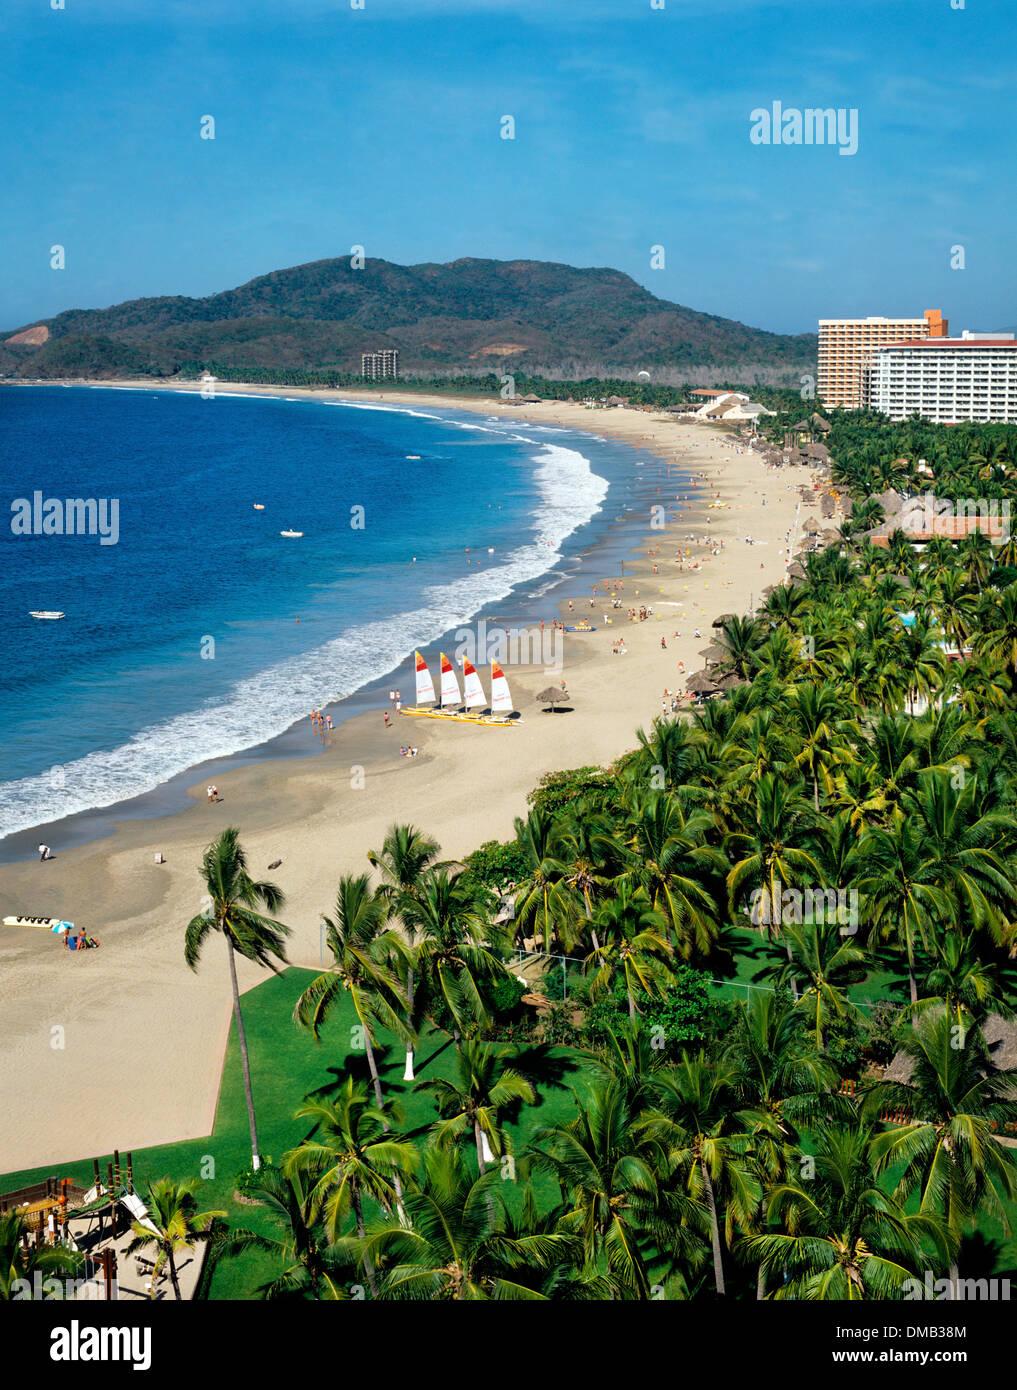 Luftaufnahme des Strandes zeigt Berglandschaft im Hintergrund, Ixtapa-Zihuatanejo, Guerrero, Mexiko Stockbild